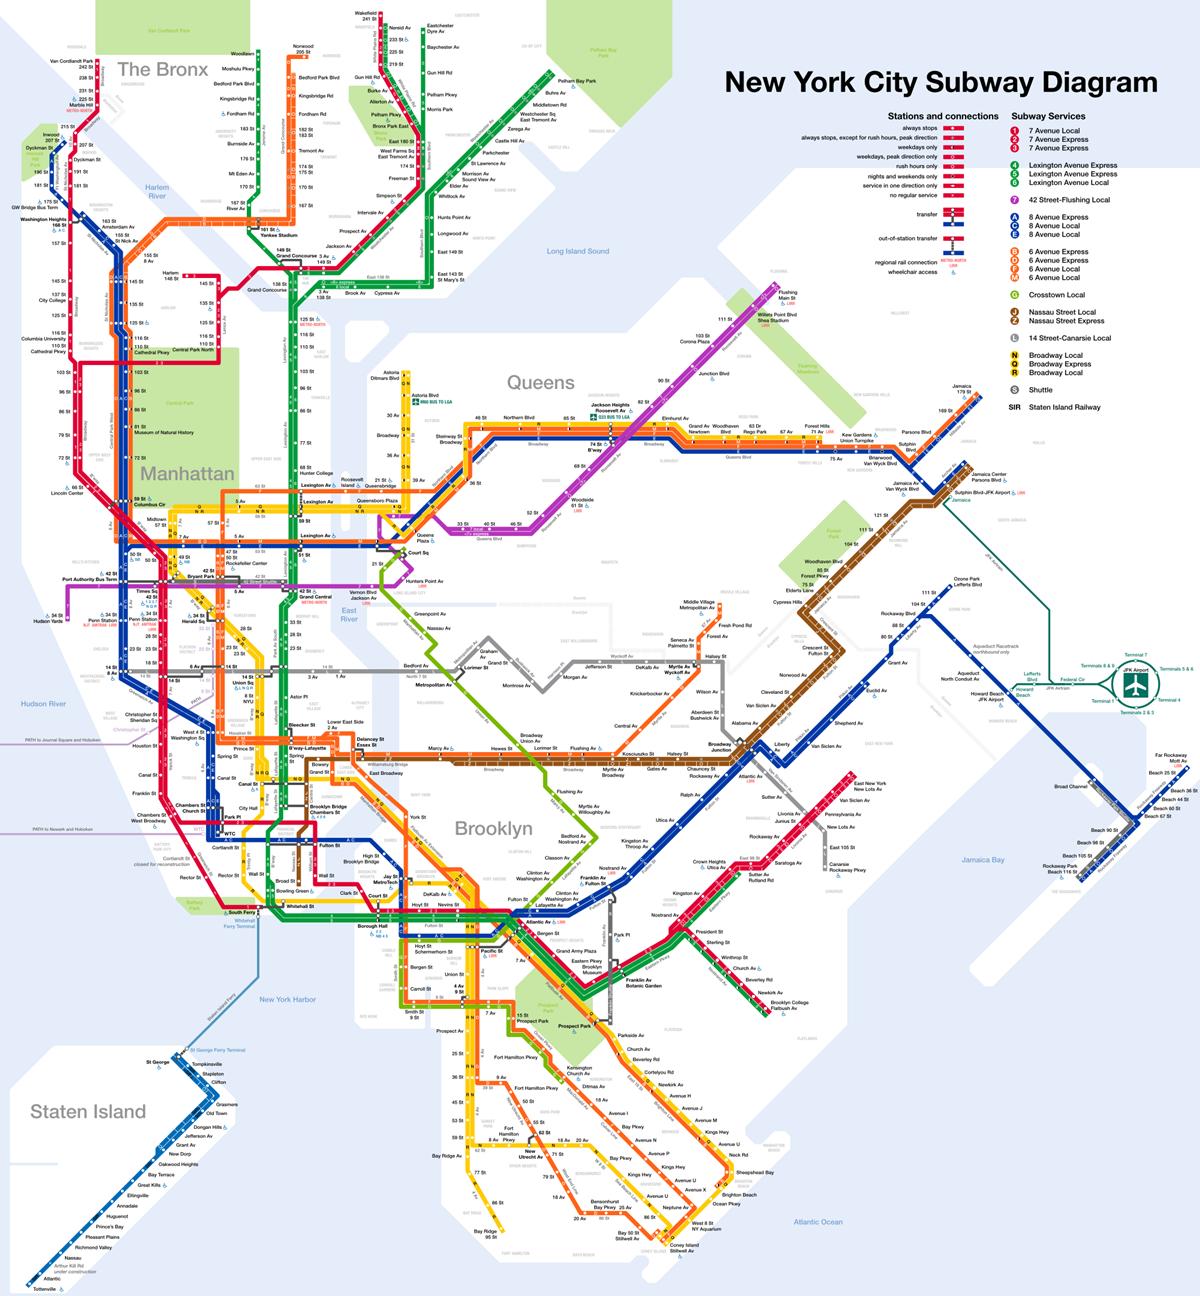 Plán sítě newyorského metra, mapa metra v New Yorku | © Jake Berman, maps.complutense.org